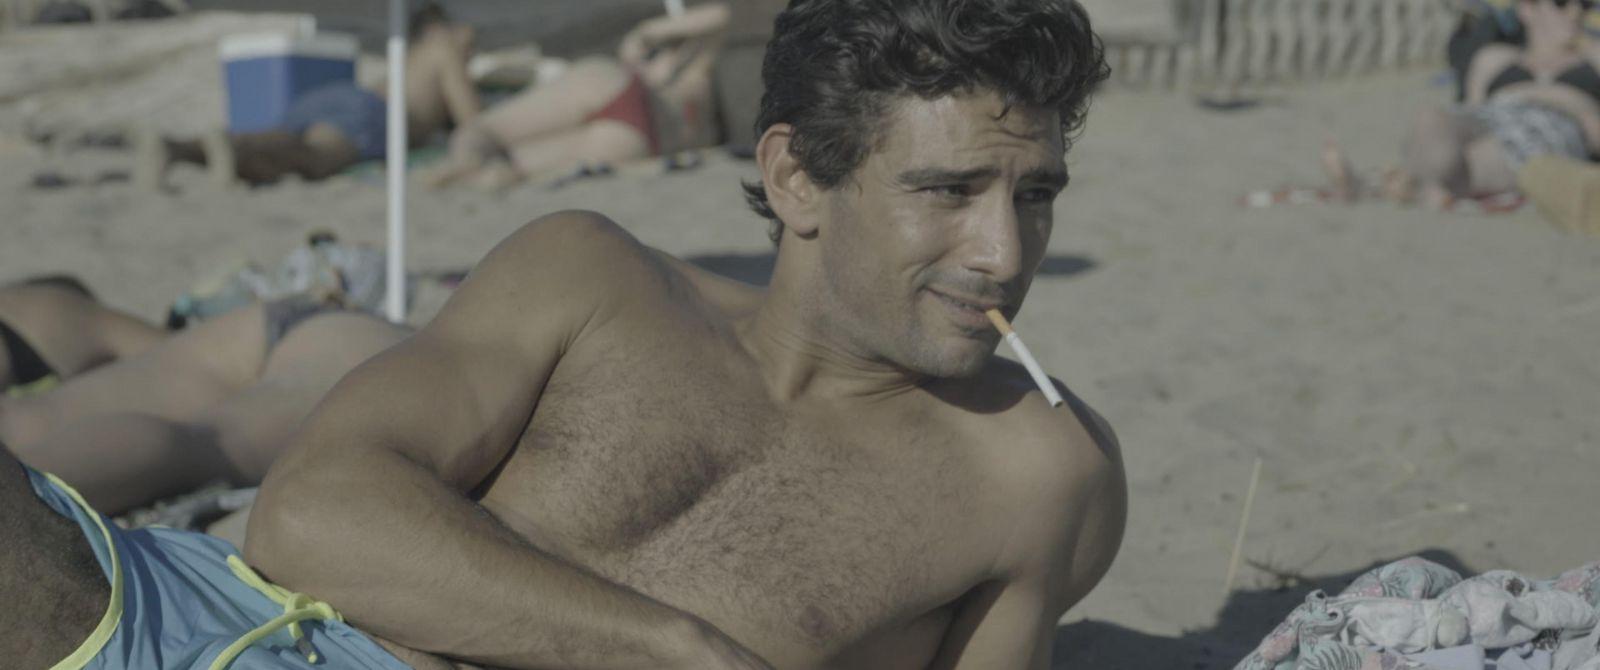 Кадр из фильма «Мектуб, моя любовь»